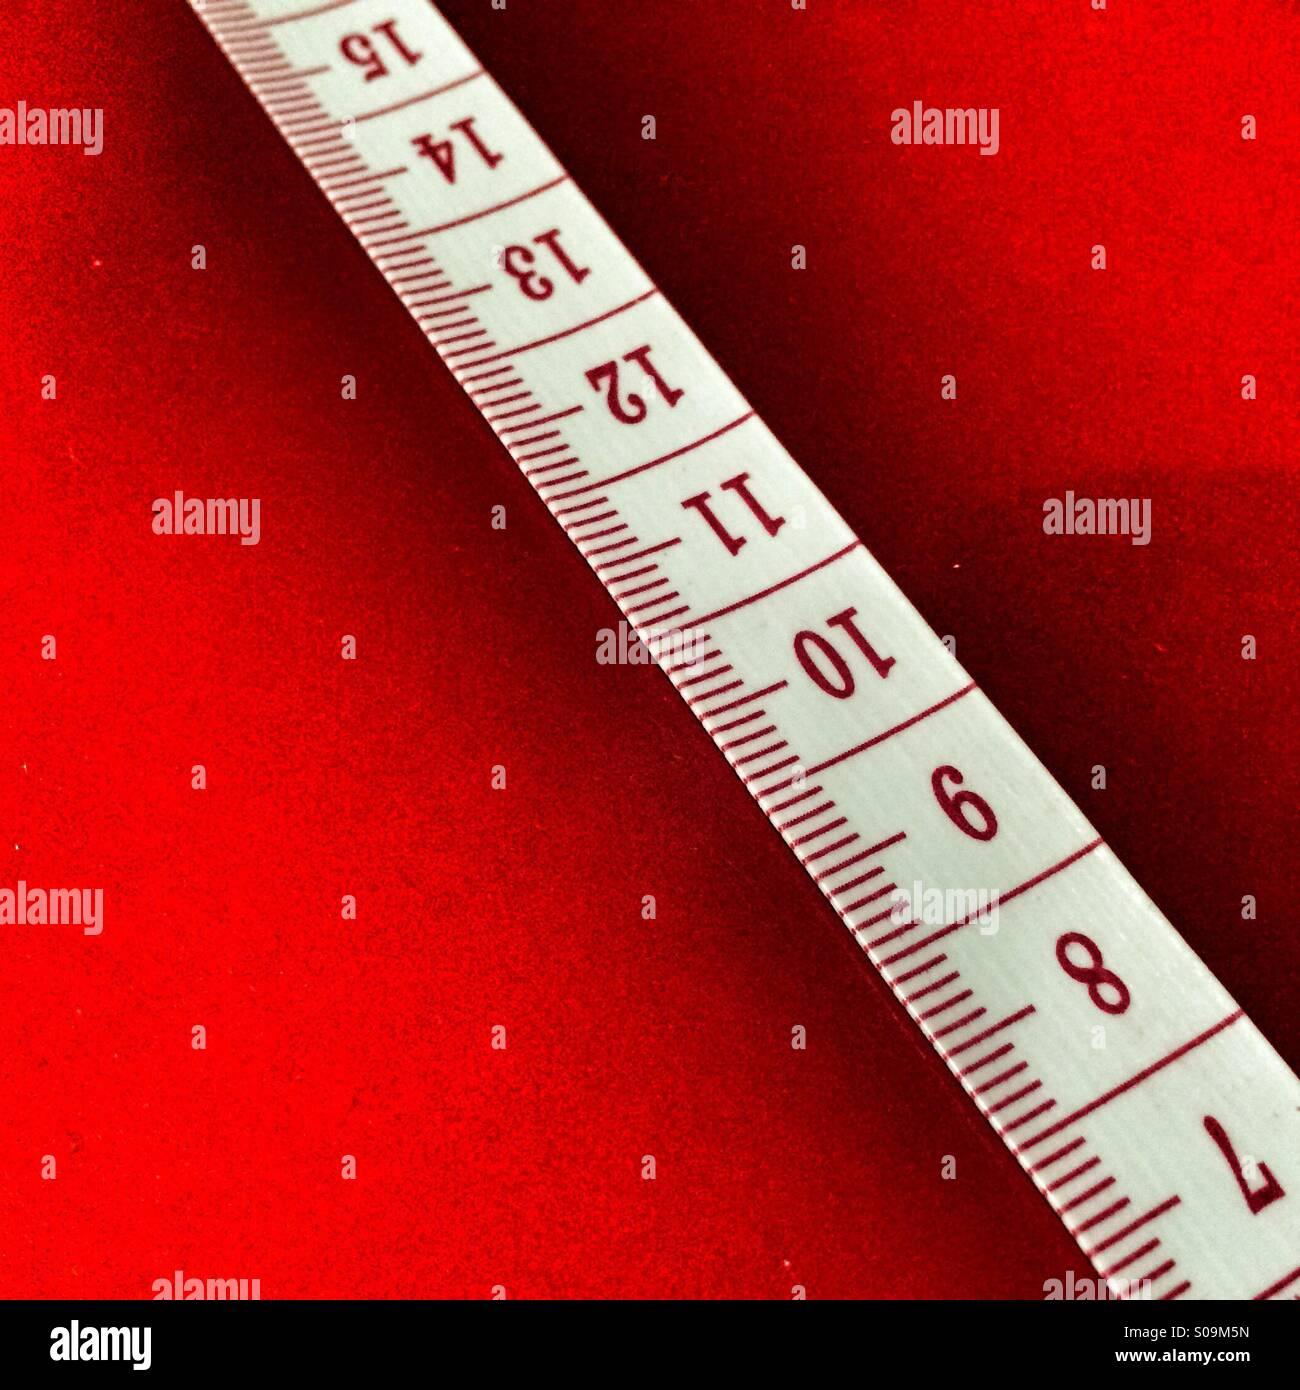 Ruban de mesure montrant centimètres sur fond rouge Photo Stock